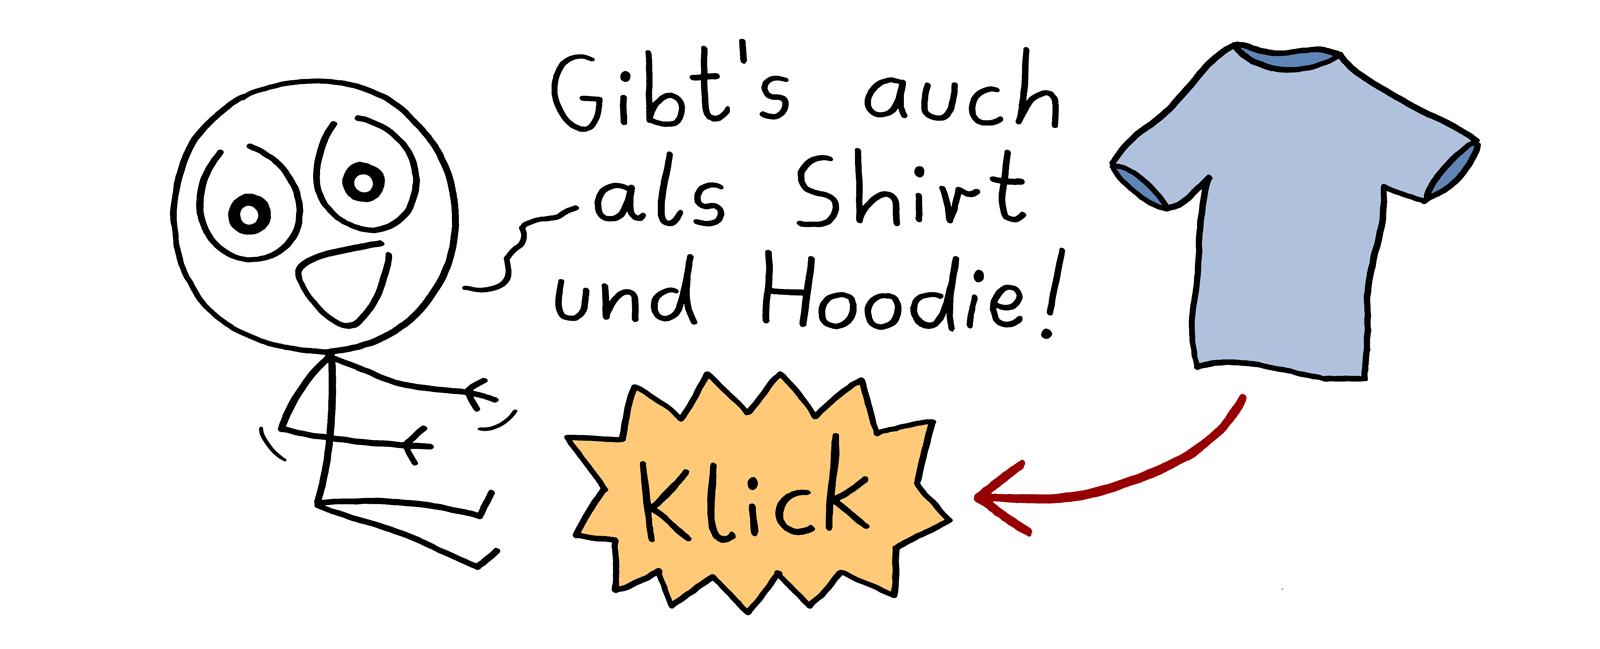 Gibt's auch als Shirt und Hoodie.